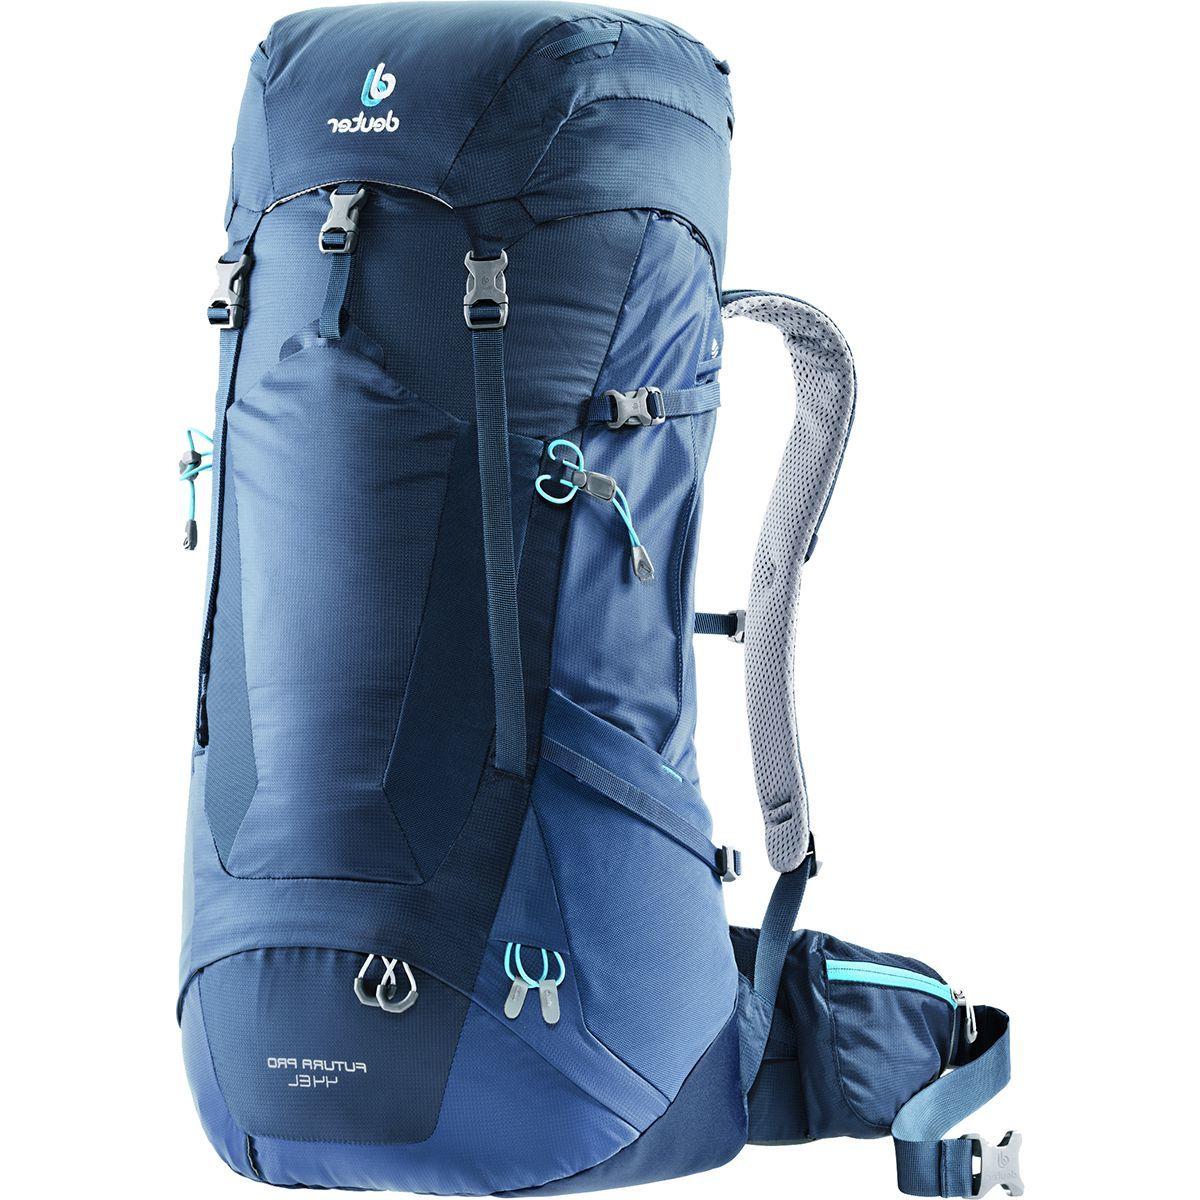 Deuter Futura Pro 44 EL Backpack - Men's